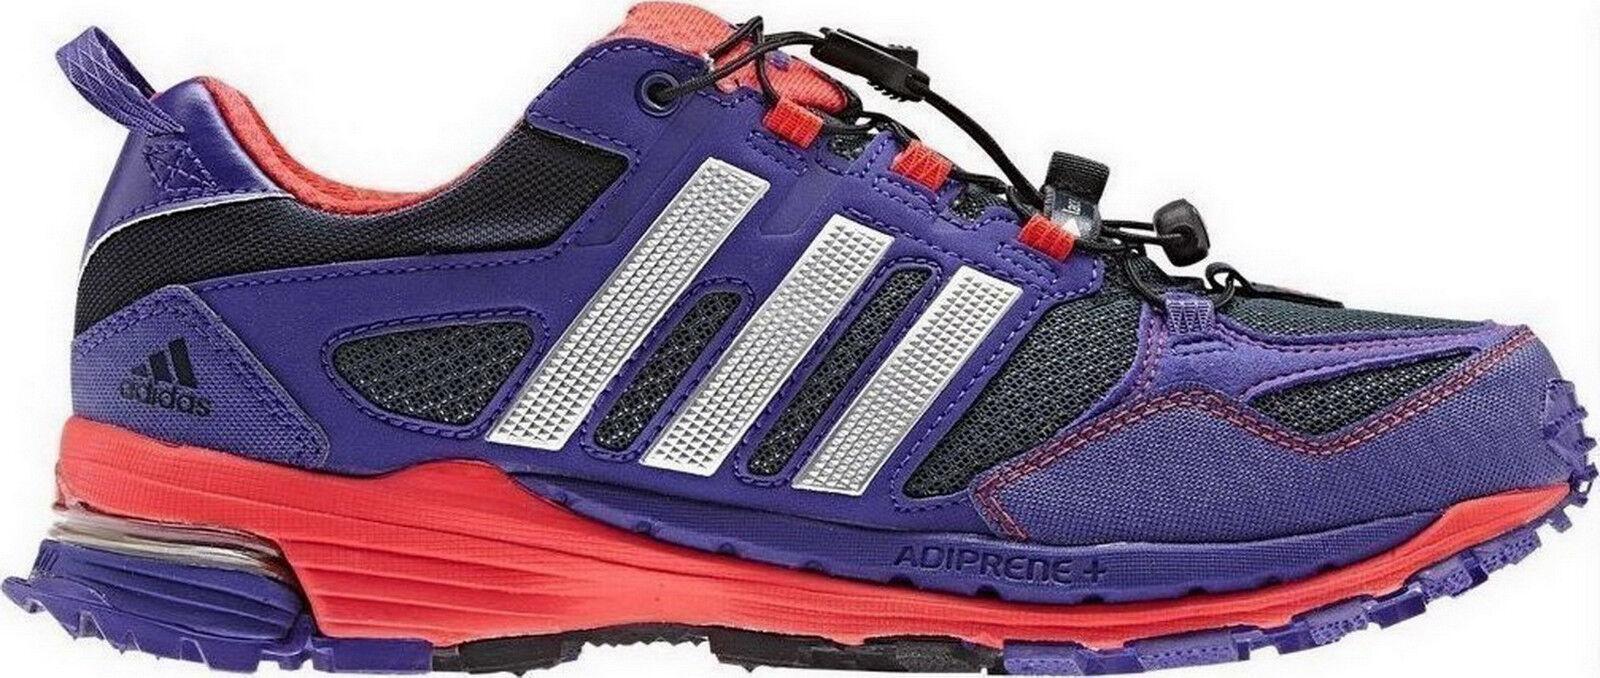 Adidas Supernova Riot 5 W Damen Laufschuhe Laufschuhe Laufschuhe G97231  | Der Schatz des Kindes, unser Glück  a00e64